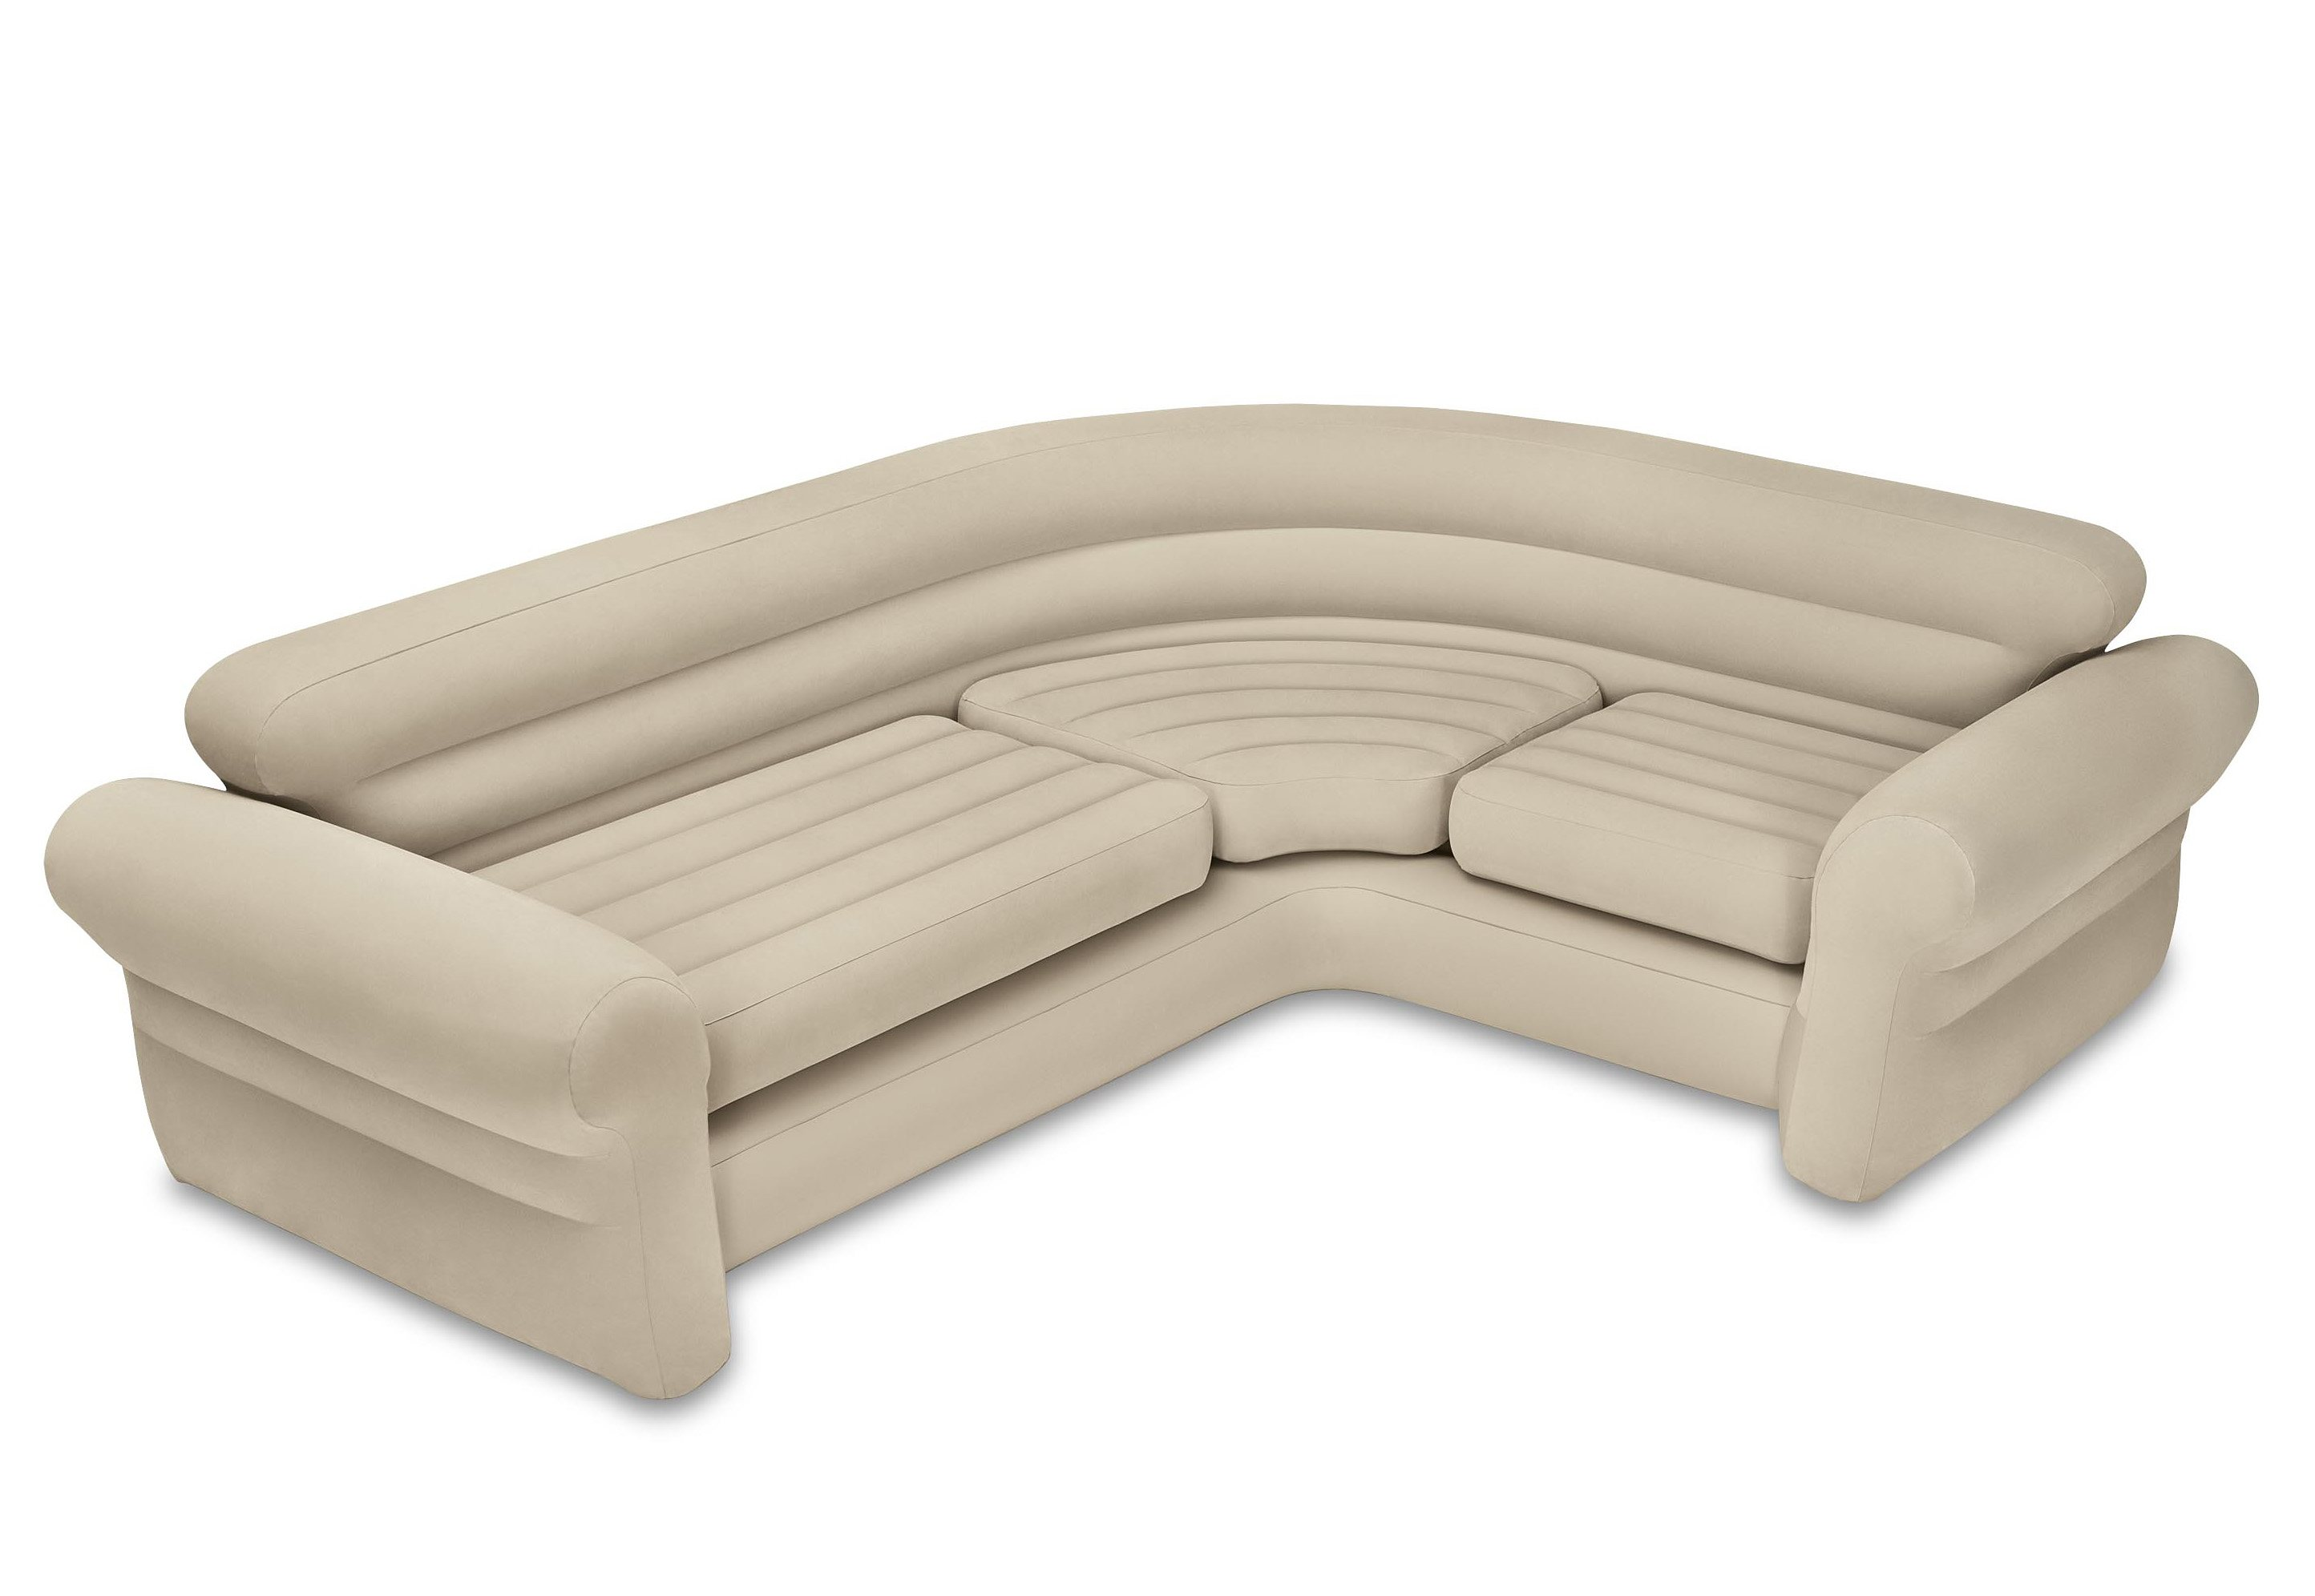 Aufblasbares Sofa Preisvergleich Die Besten Angebote Online Kaufen